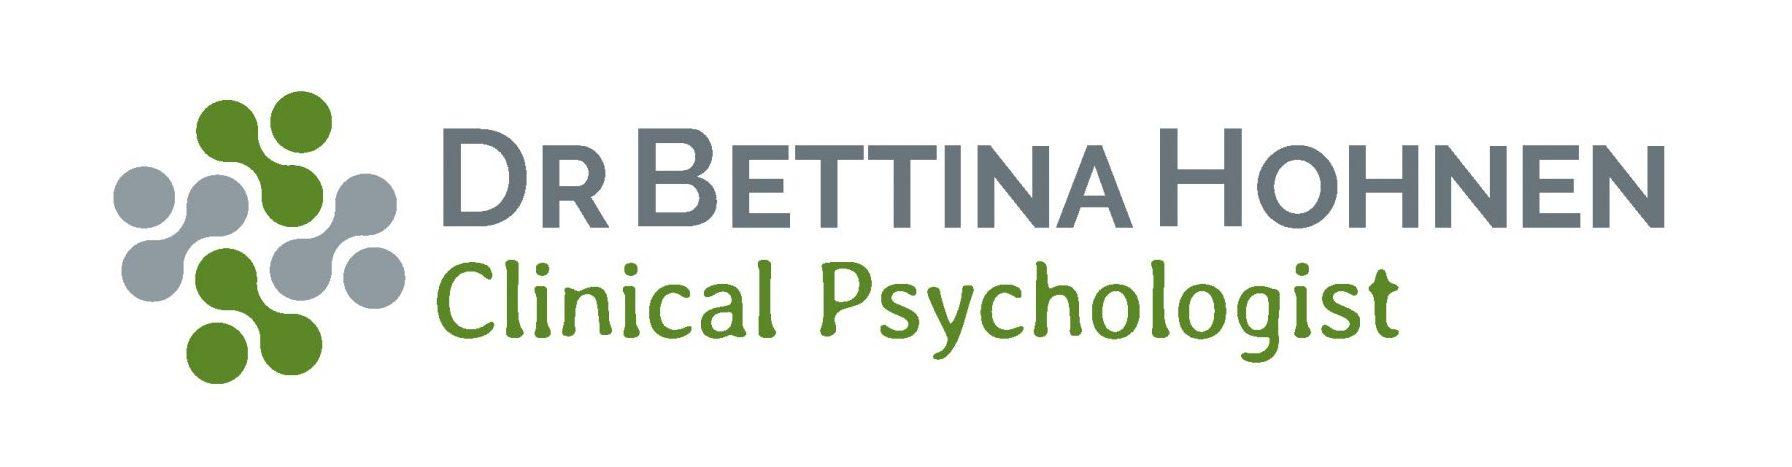 Dr Bettina Hohnen